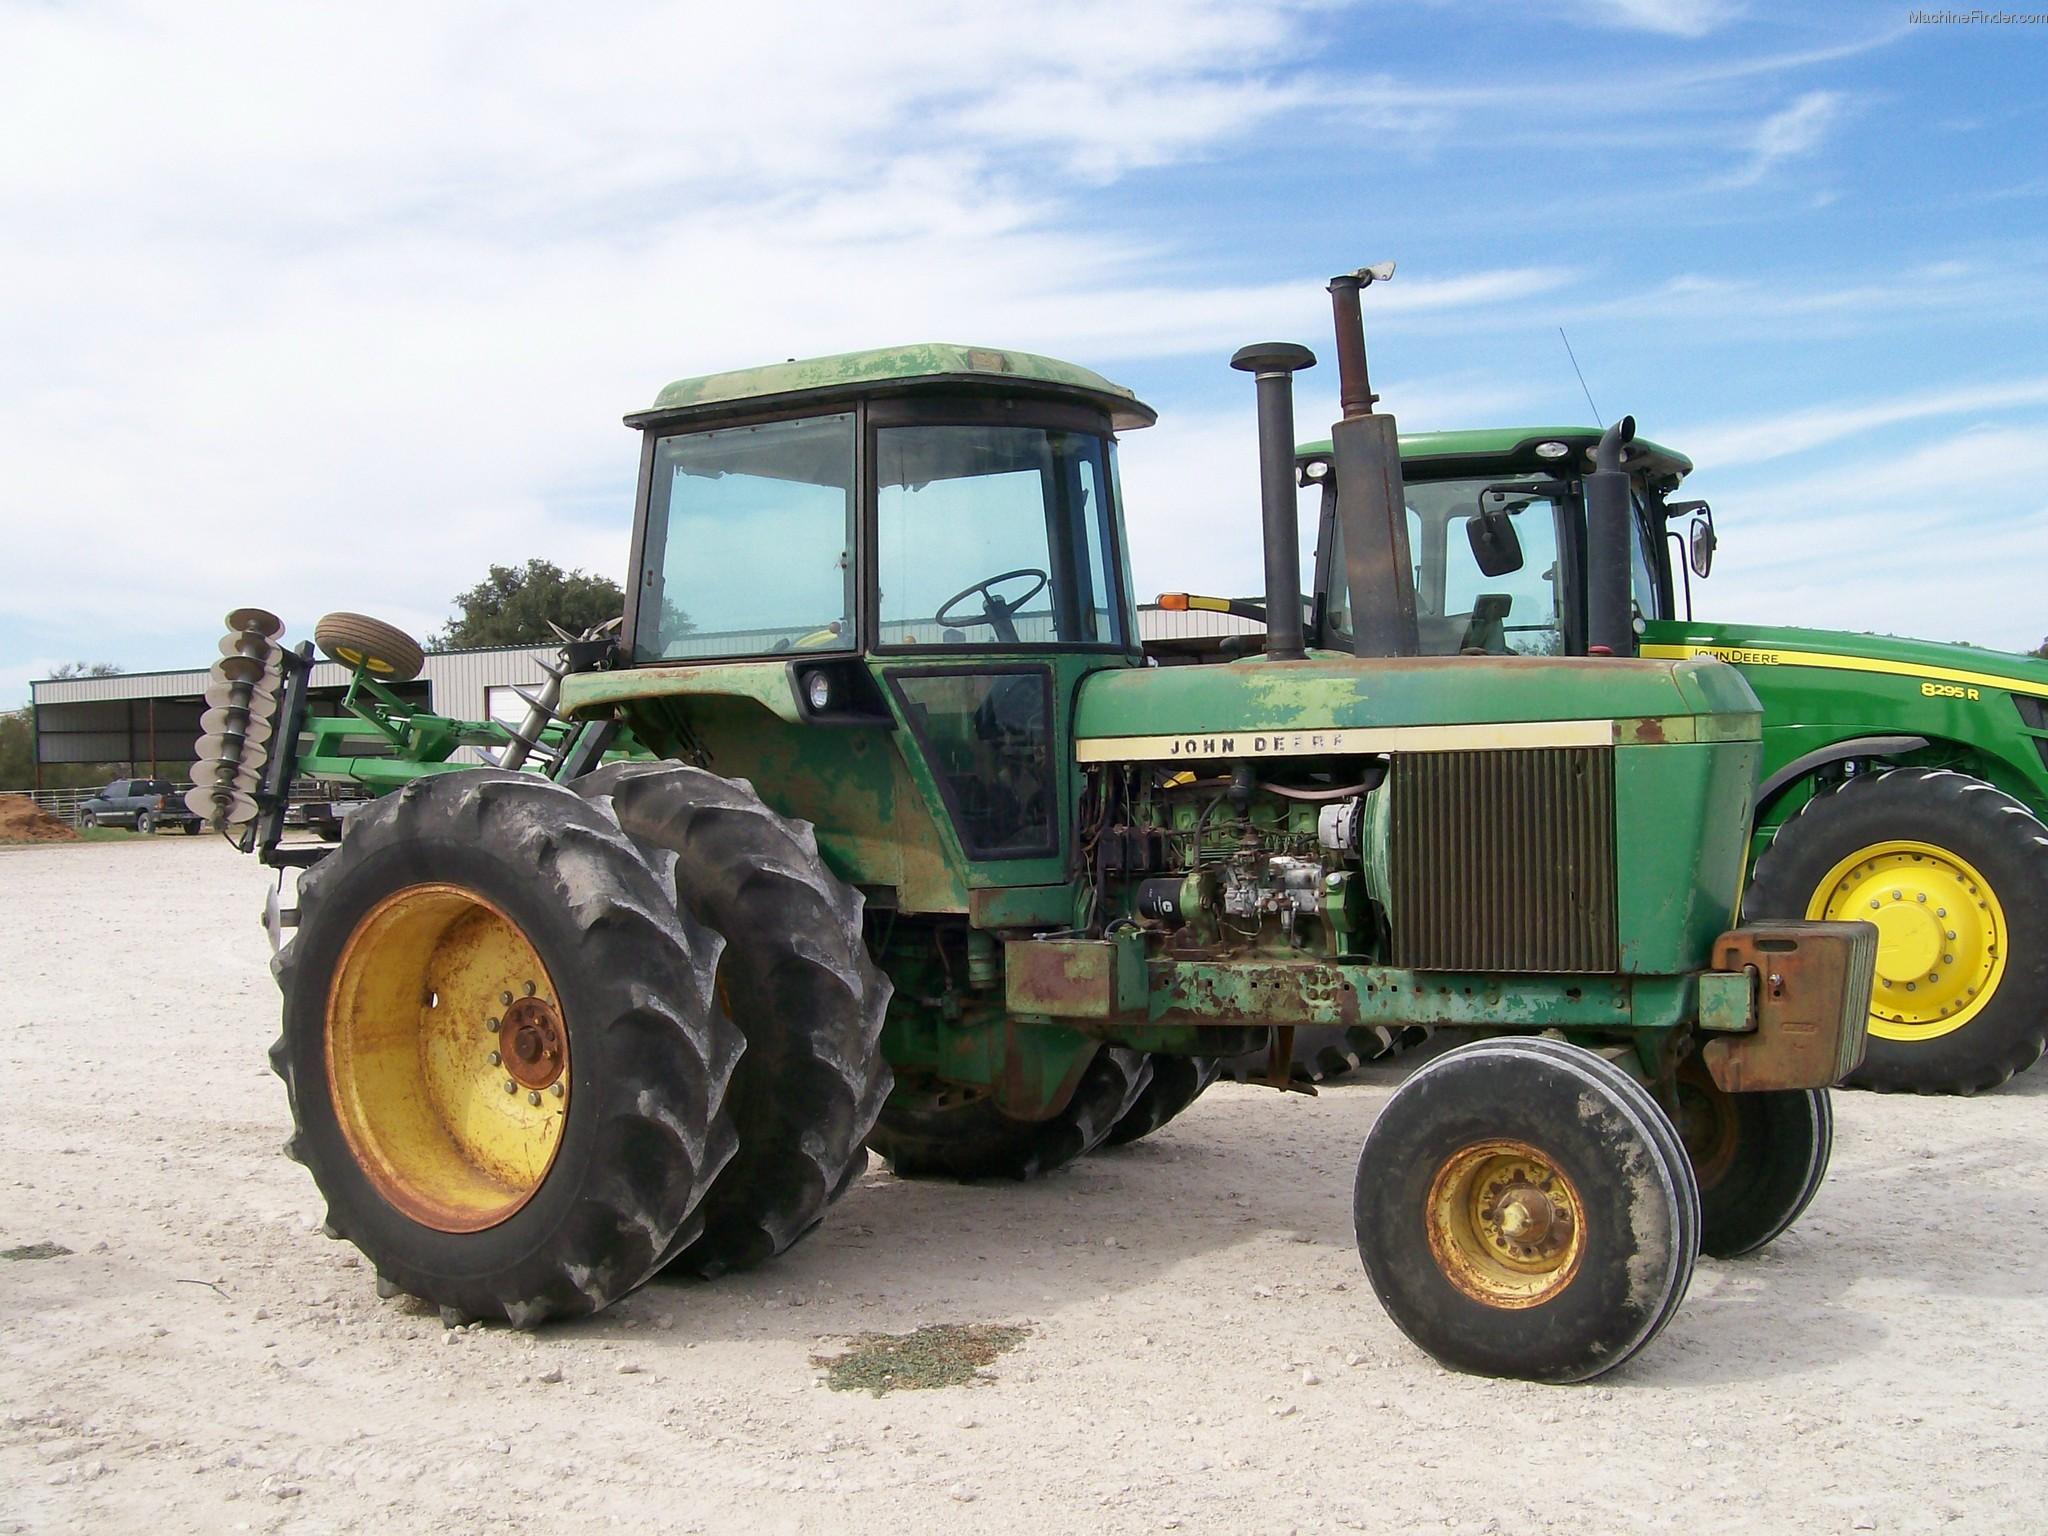 1975 John Deere 4630 Tractors - Row Crop (+100hp) - John ...